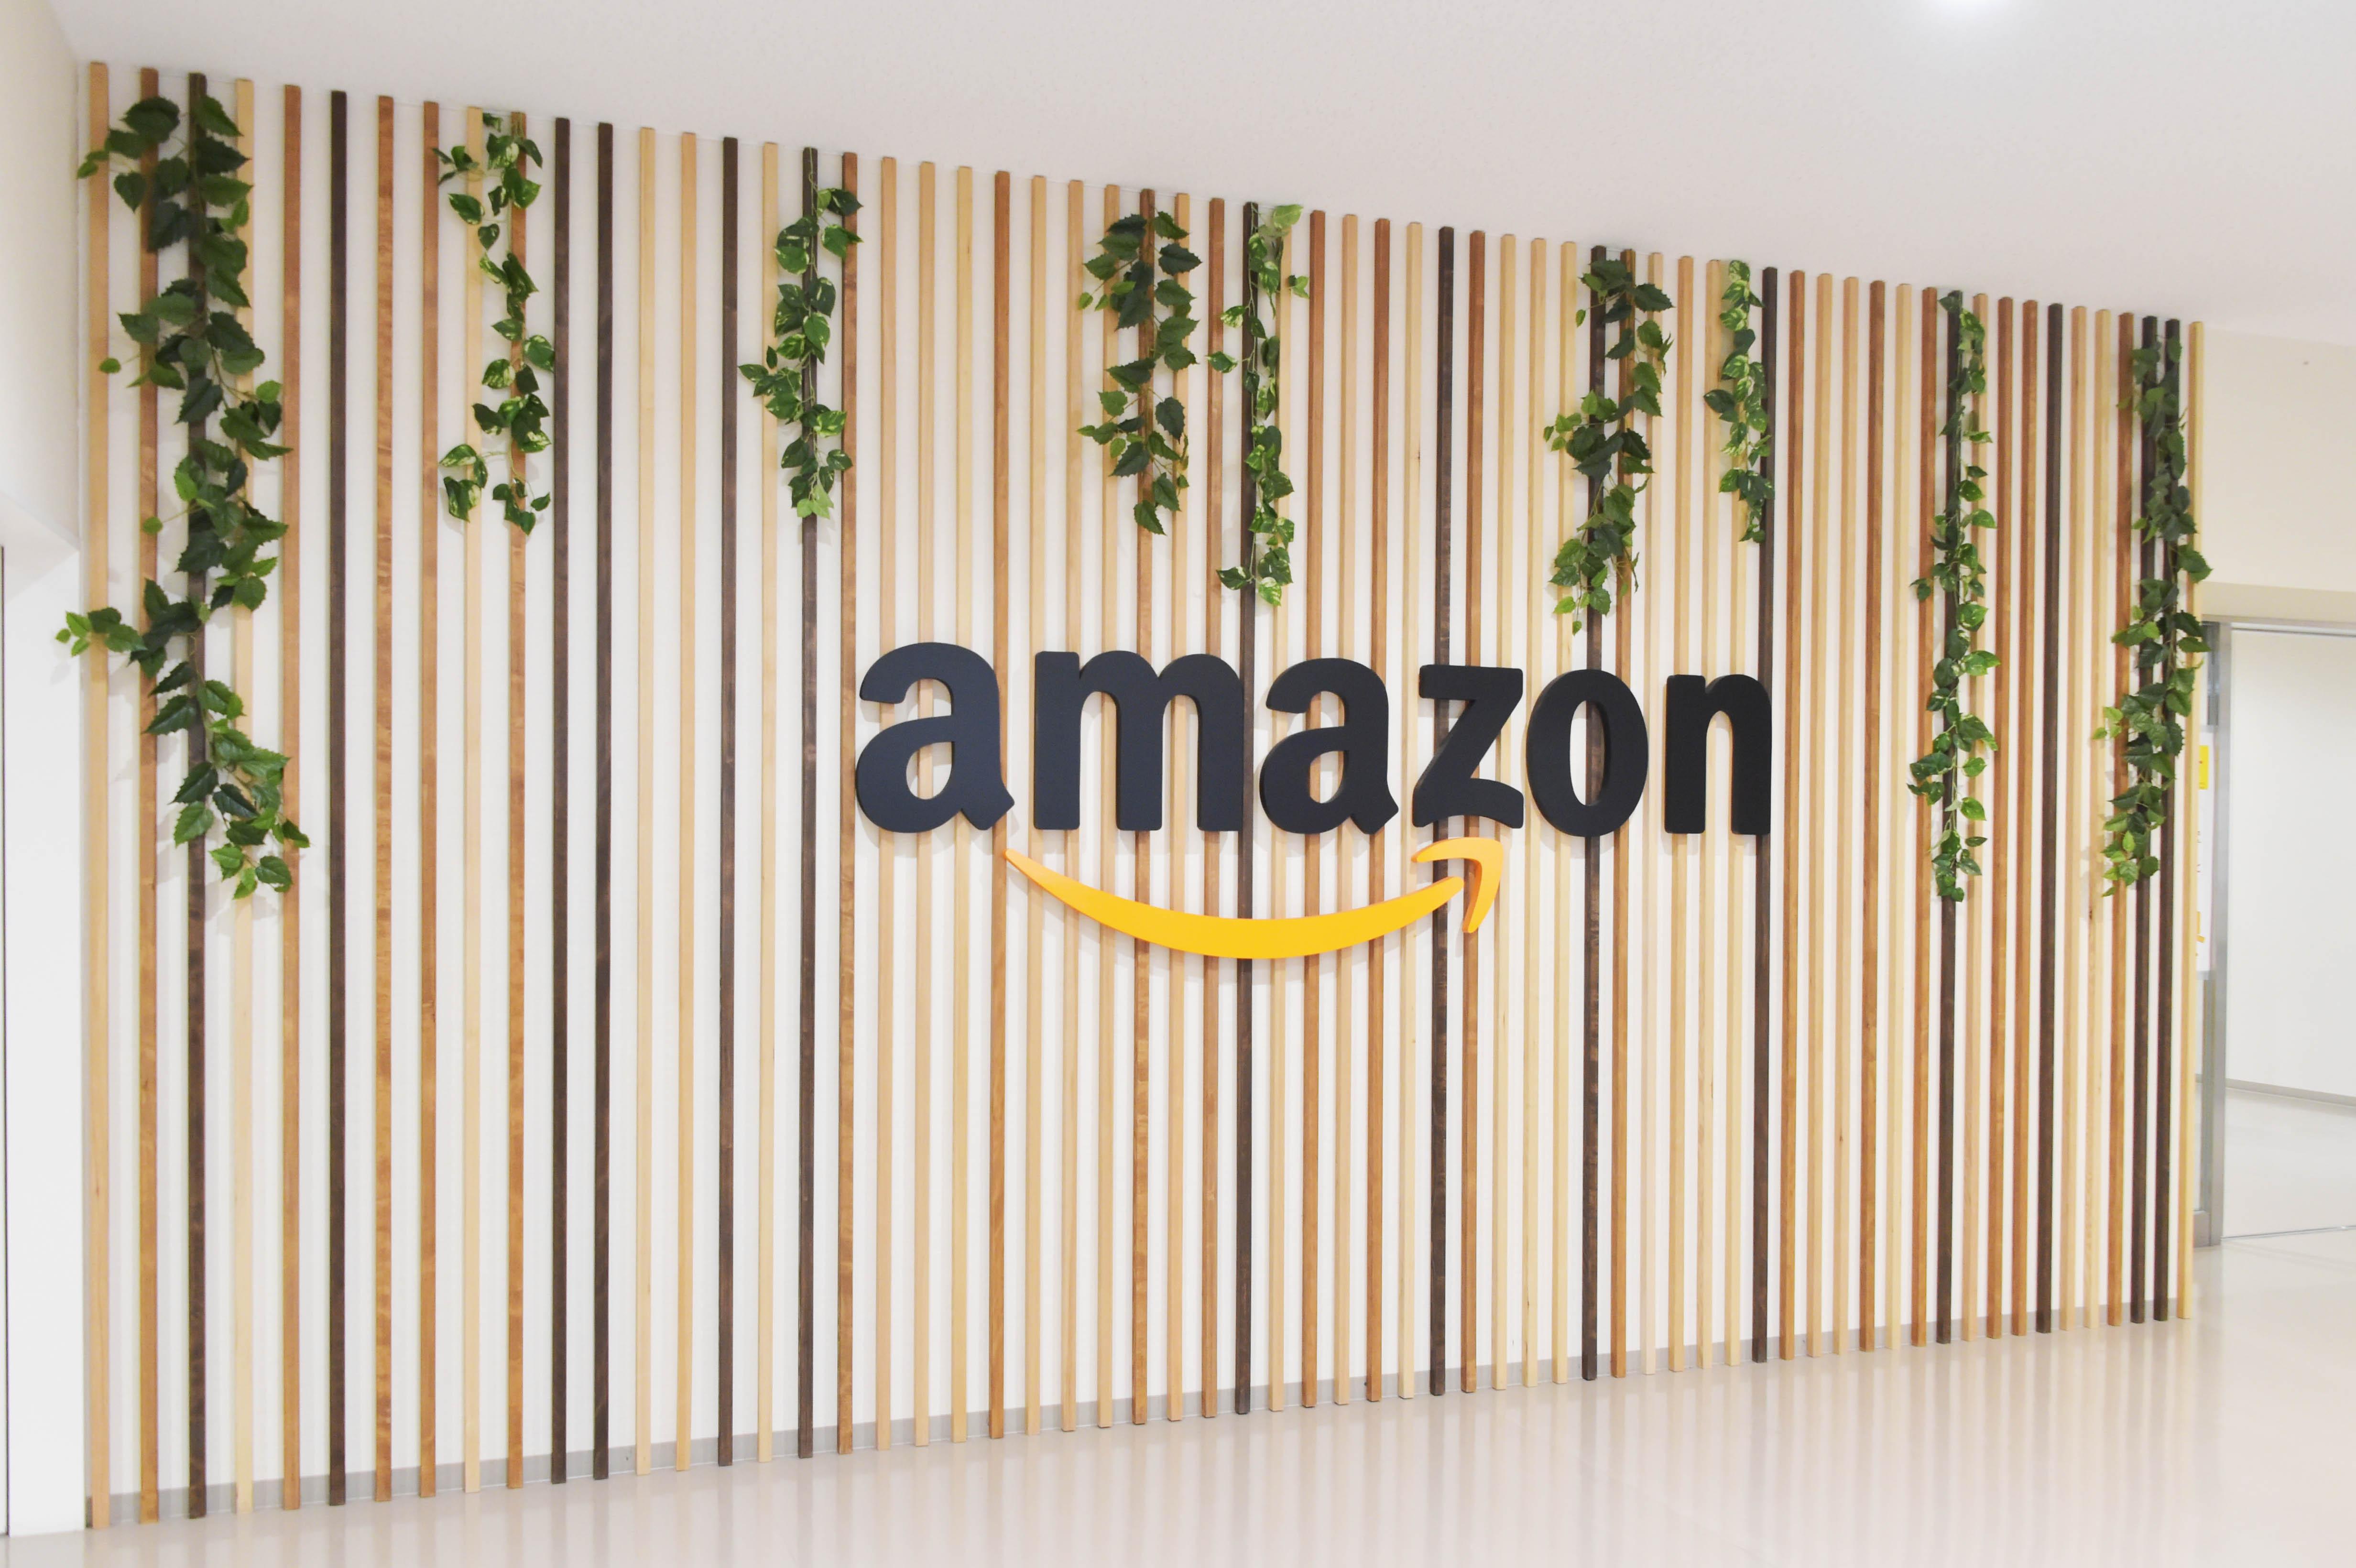 高時給です!短期間で稼ぎたい方におすすめ Amazon久喜で働いてみませんか?